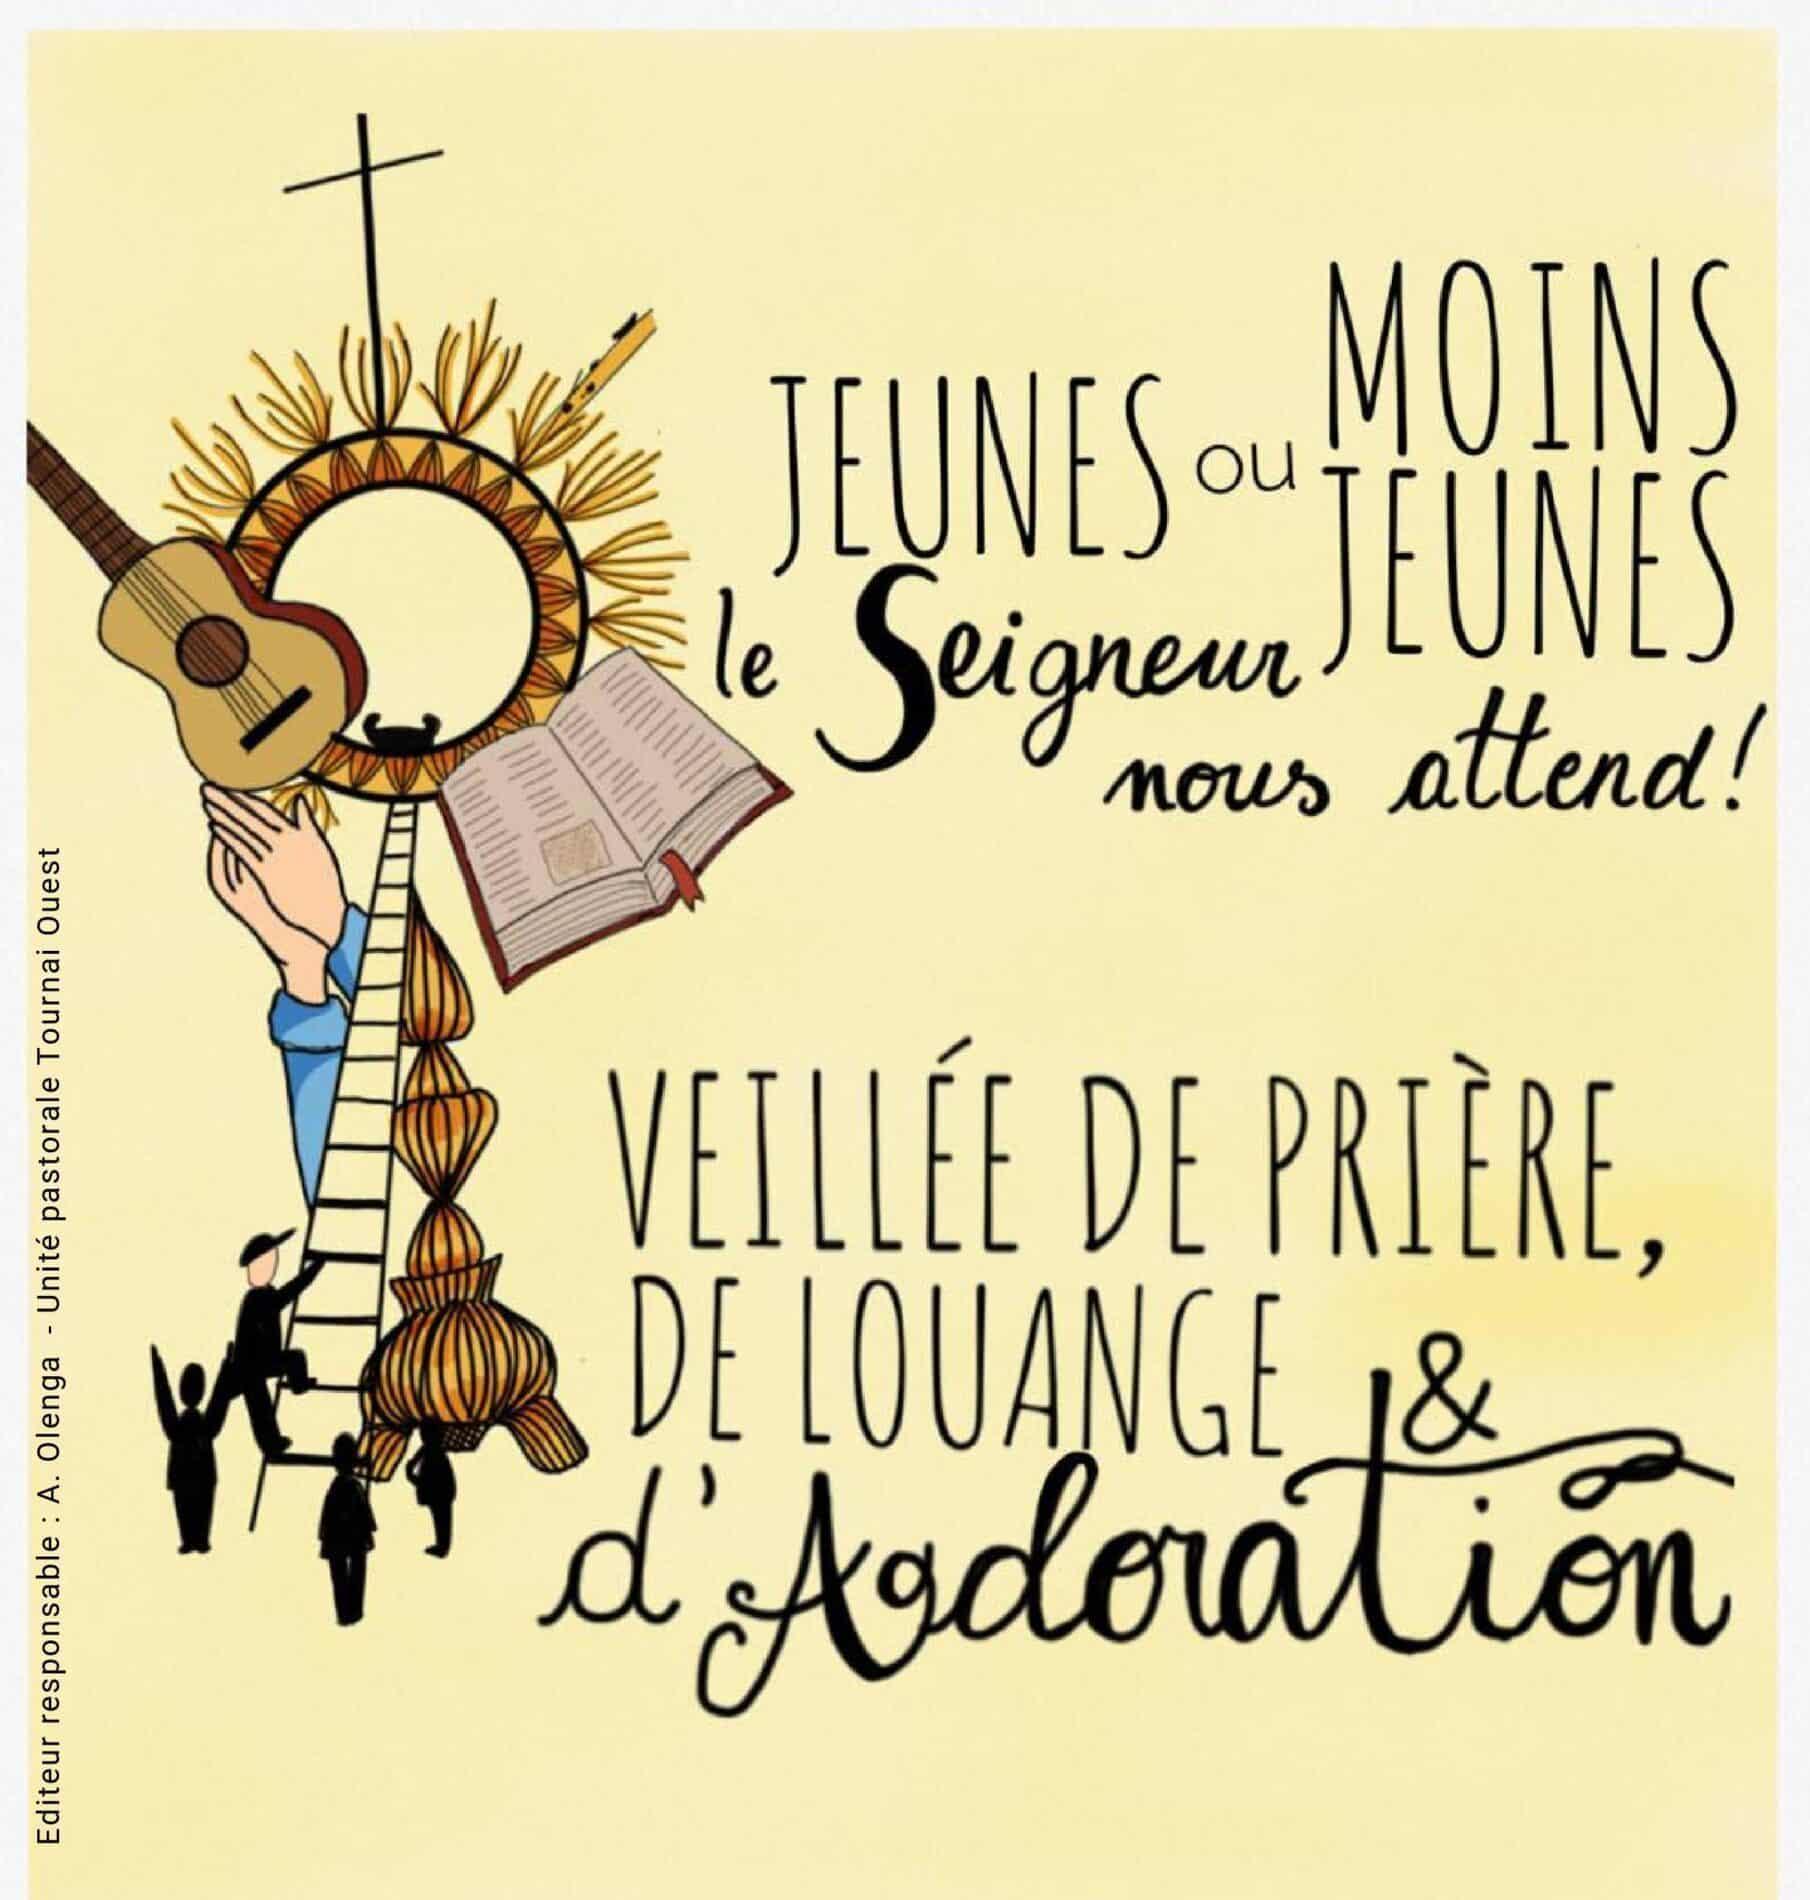 Mercredi 14 octobre première veillée de prière à Marquain